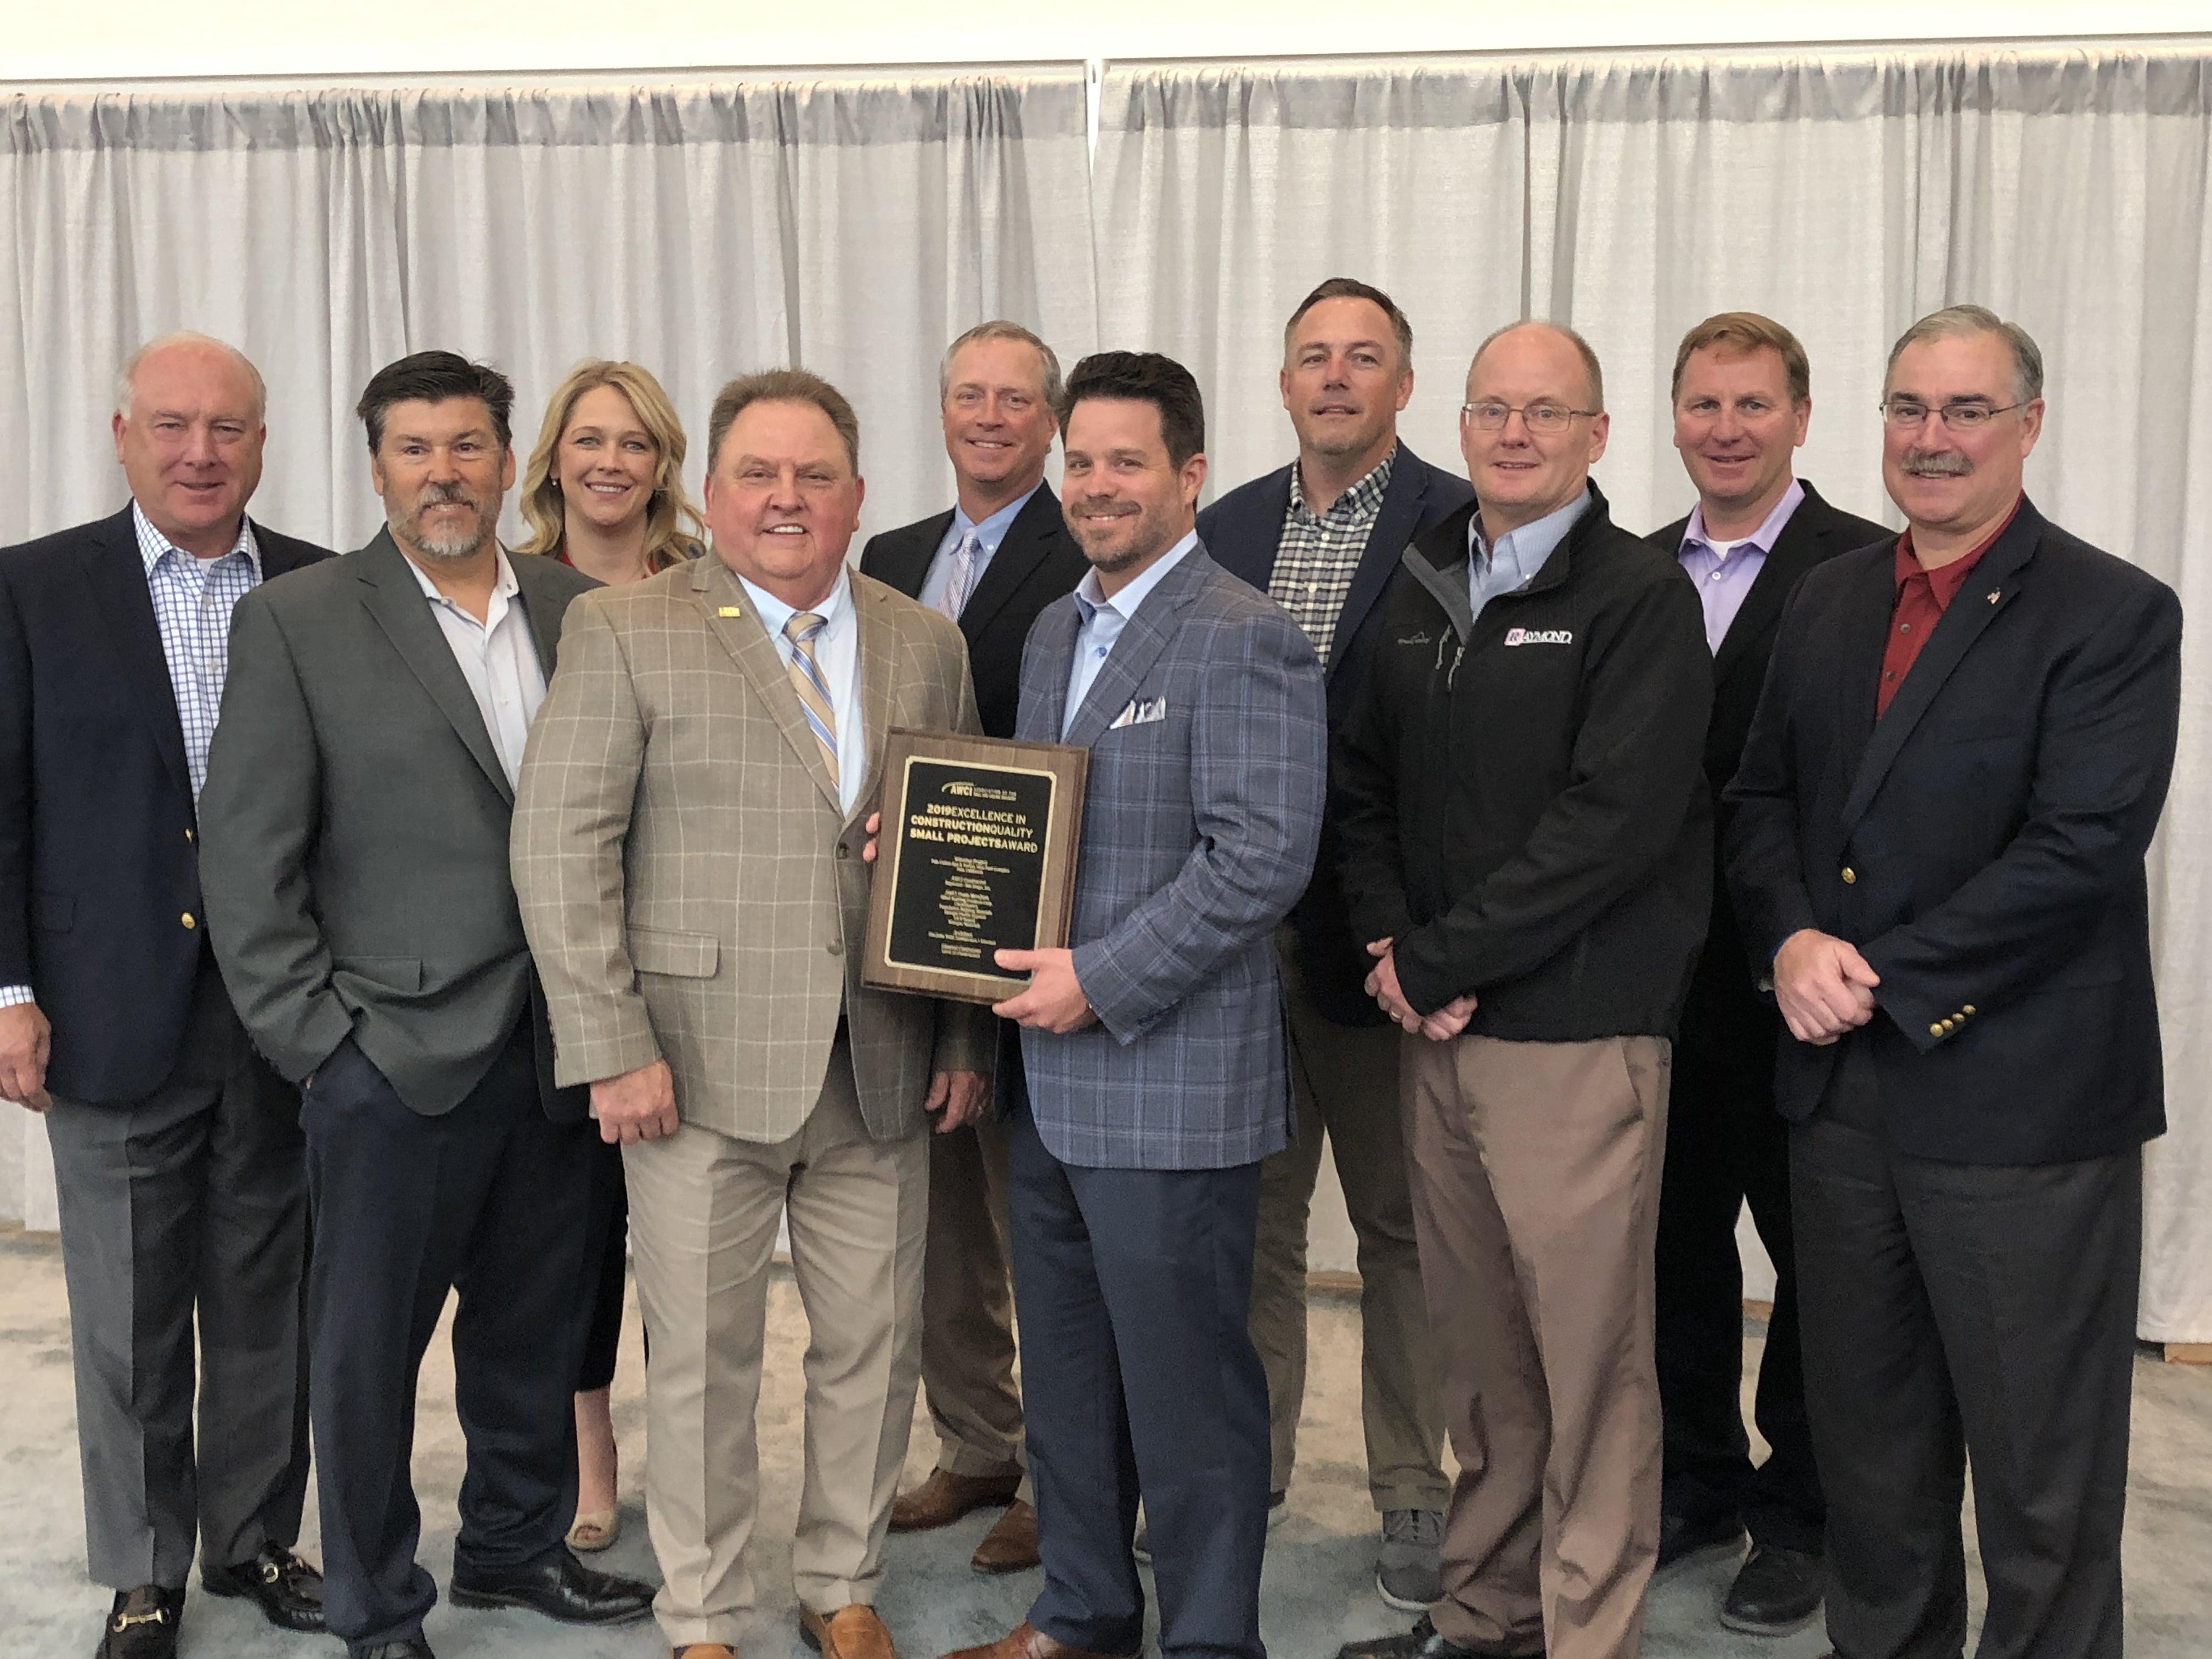 AWCI President Jerry Smith presenting Raymond-San Diego, Inc. with the AWCI Quality Award